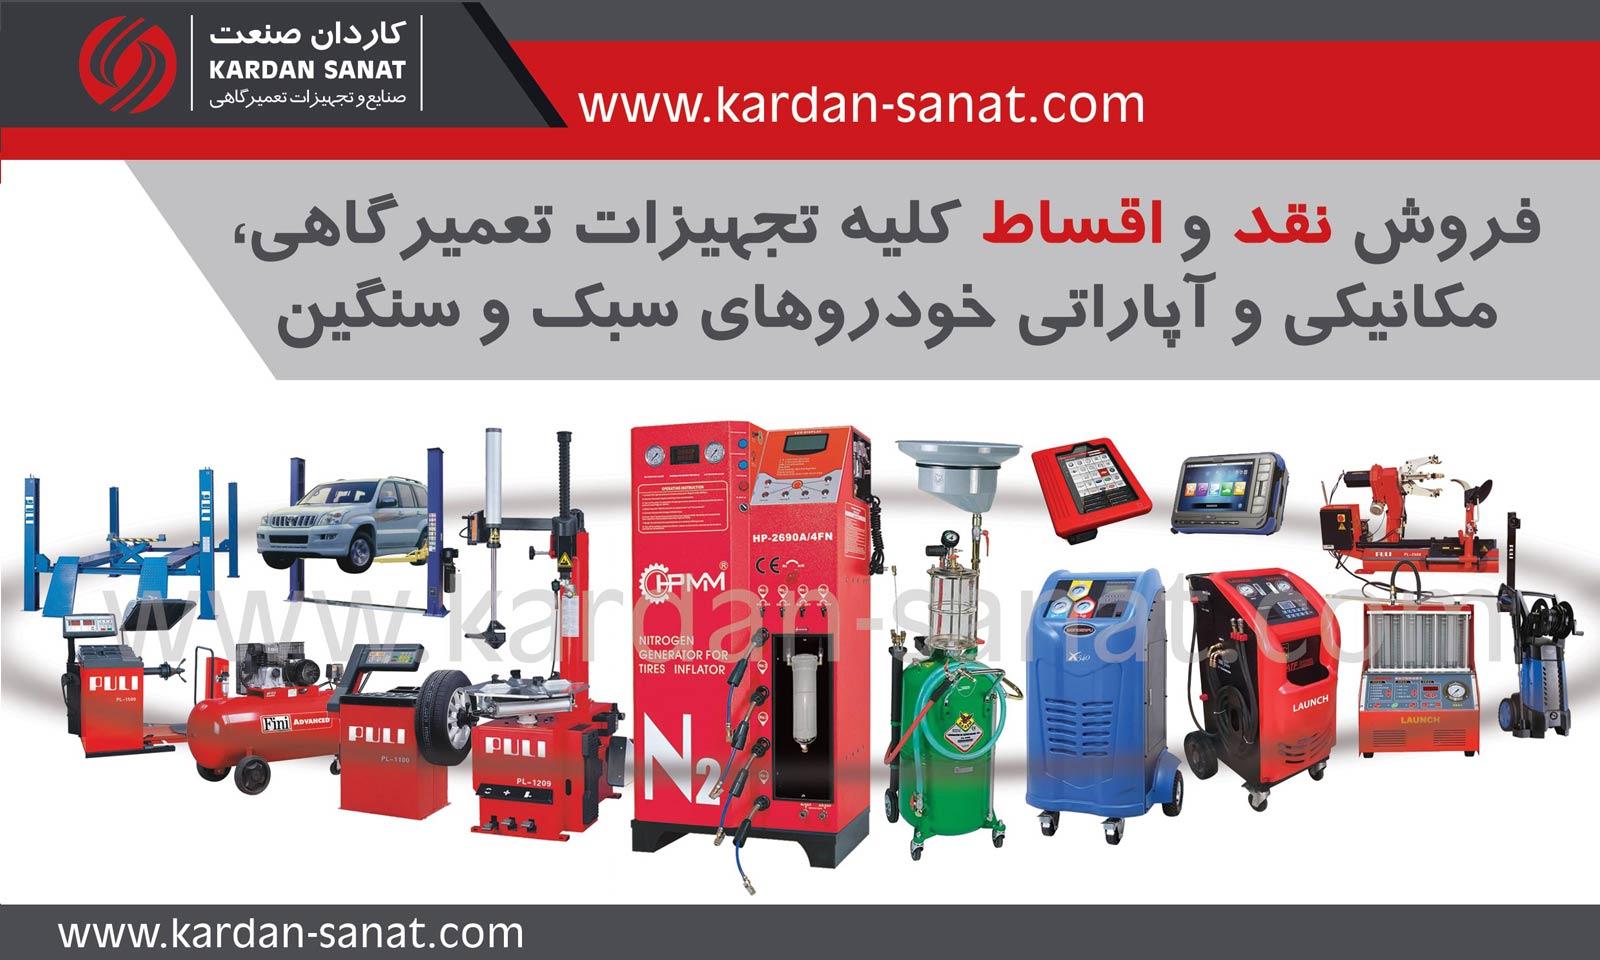 راهنمای گام به گام خرید و فروش و قیمت انواع تجهیزات تعمیرگاهی